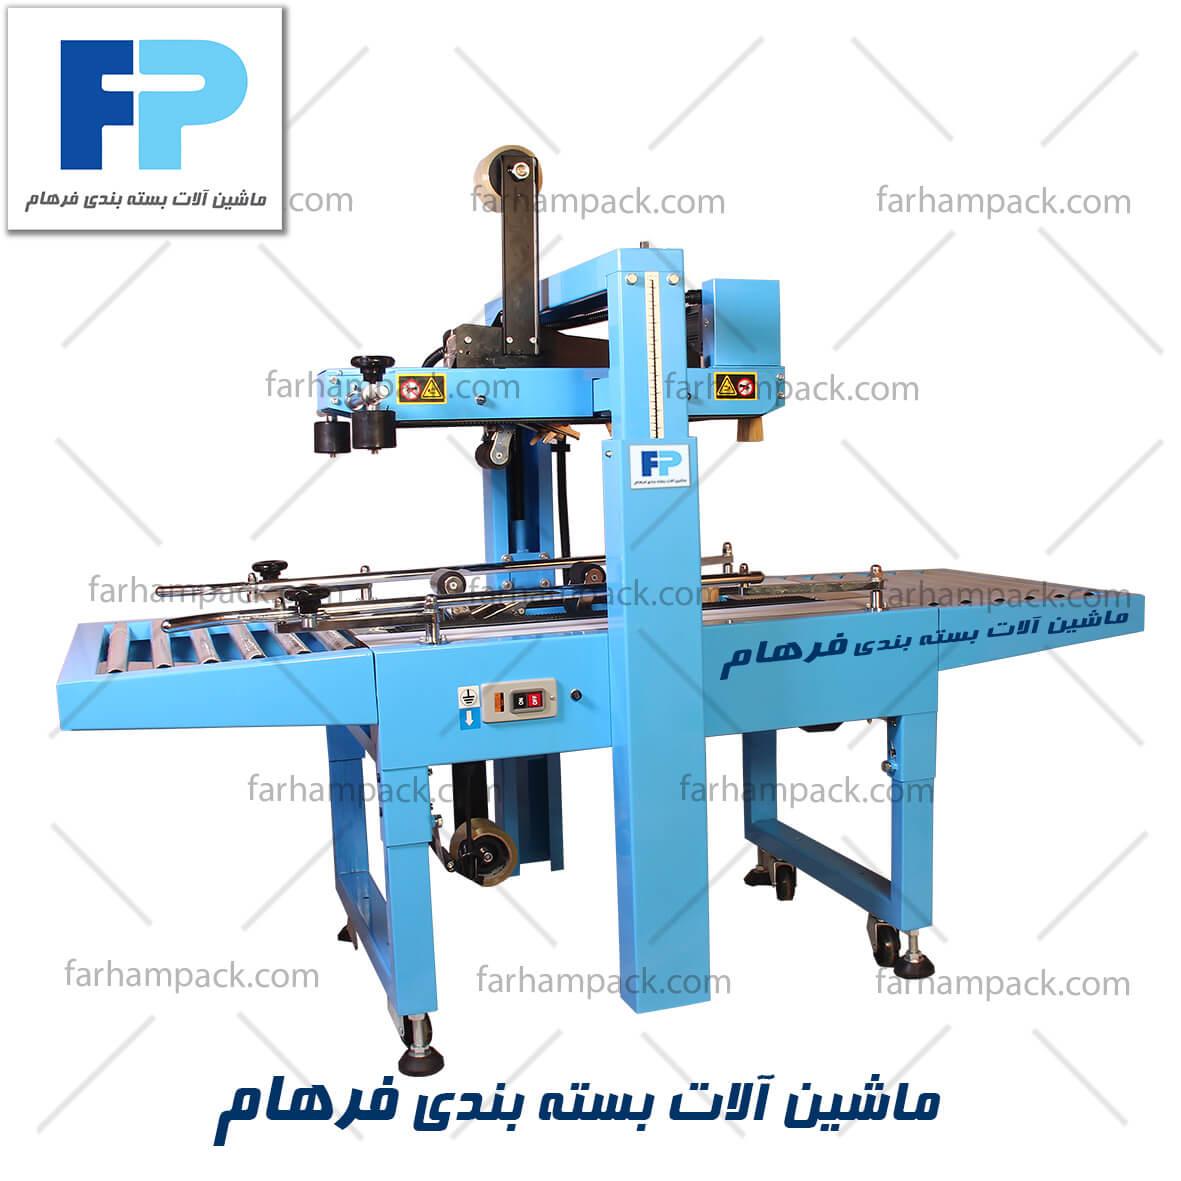 قیمت دستگاه چسب زن کارتن-طرز کار دستگاه چسب زن-نحوه استفاده از دستگاه چسب کش-طریقه استفاده از چسب کش